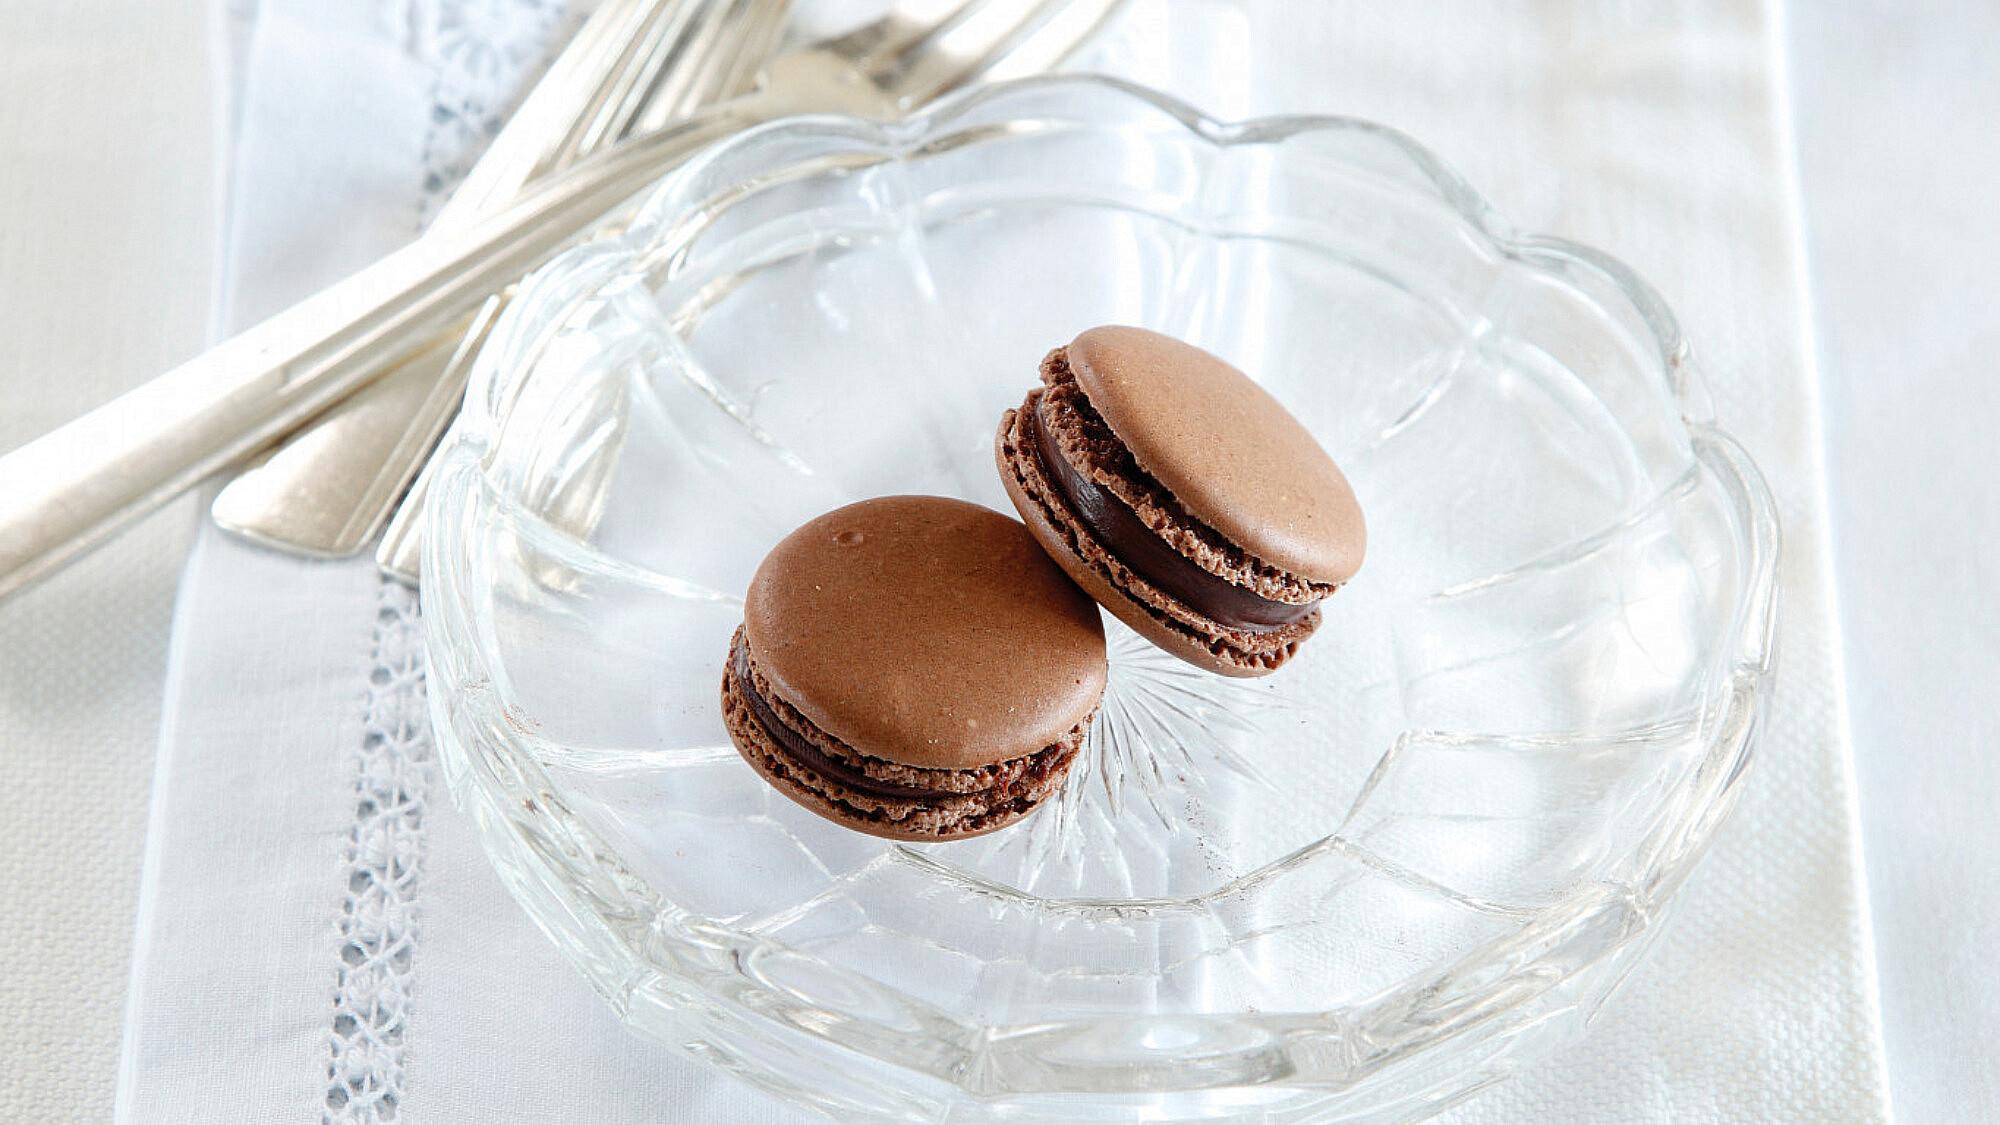 מקרון שוקולד של איתי אלמוג, Bakery. סטיילינג: דלית רוסו (צילום: דניה ויינר)